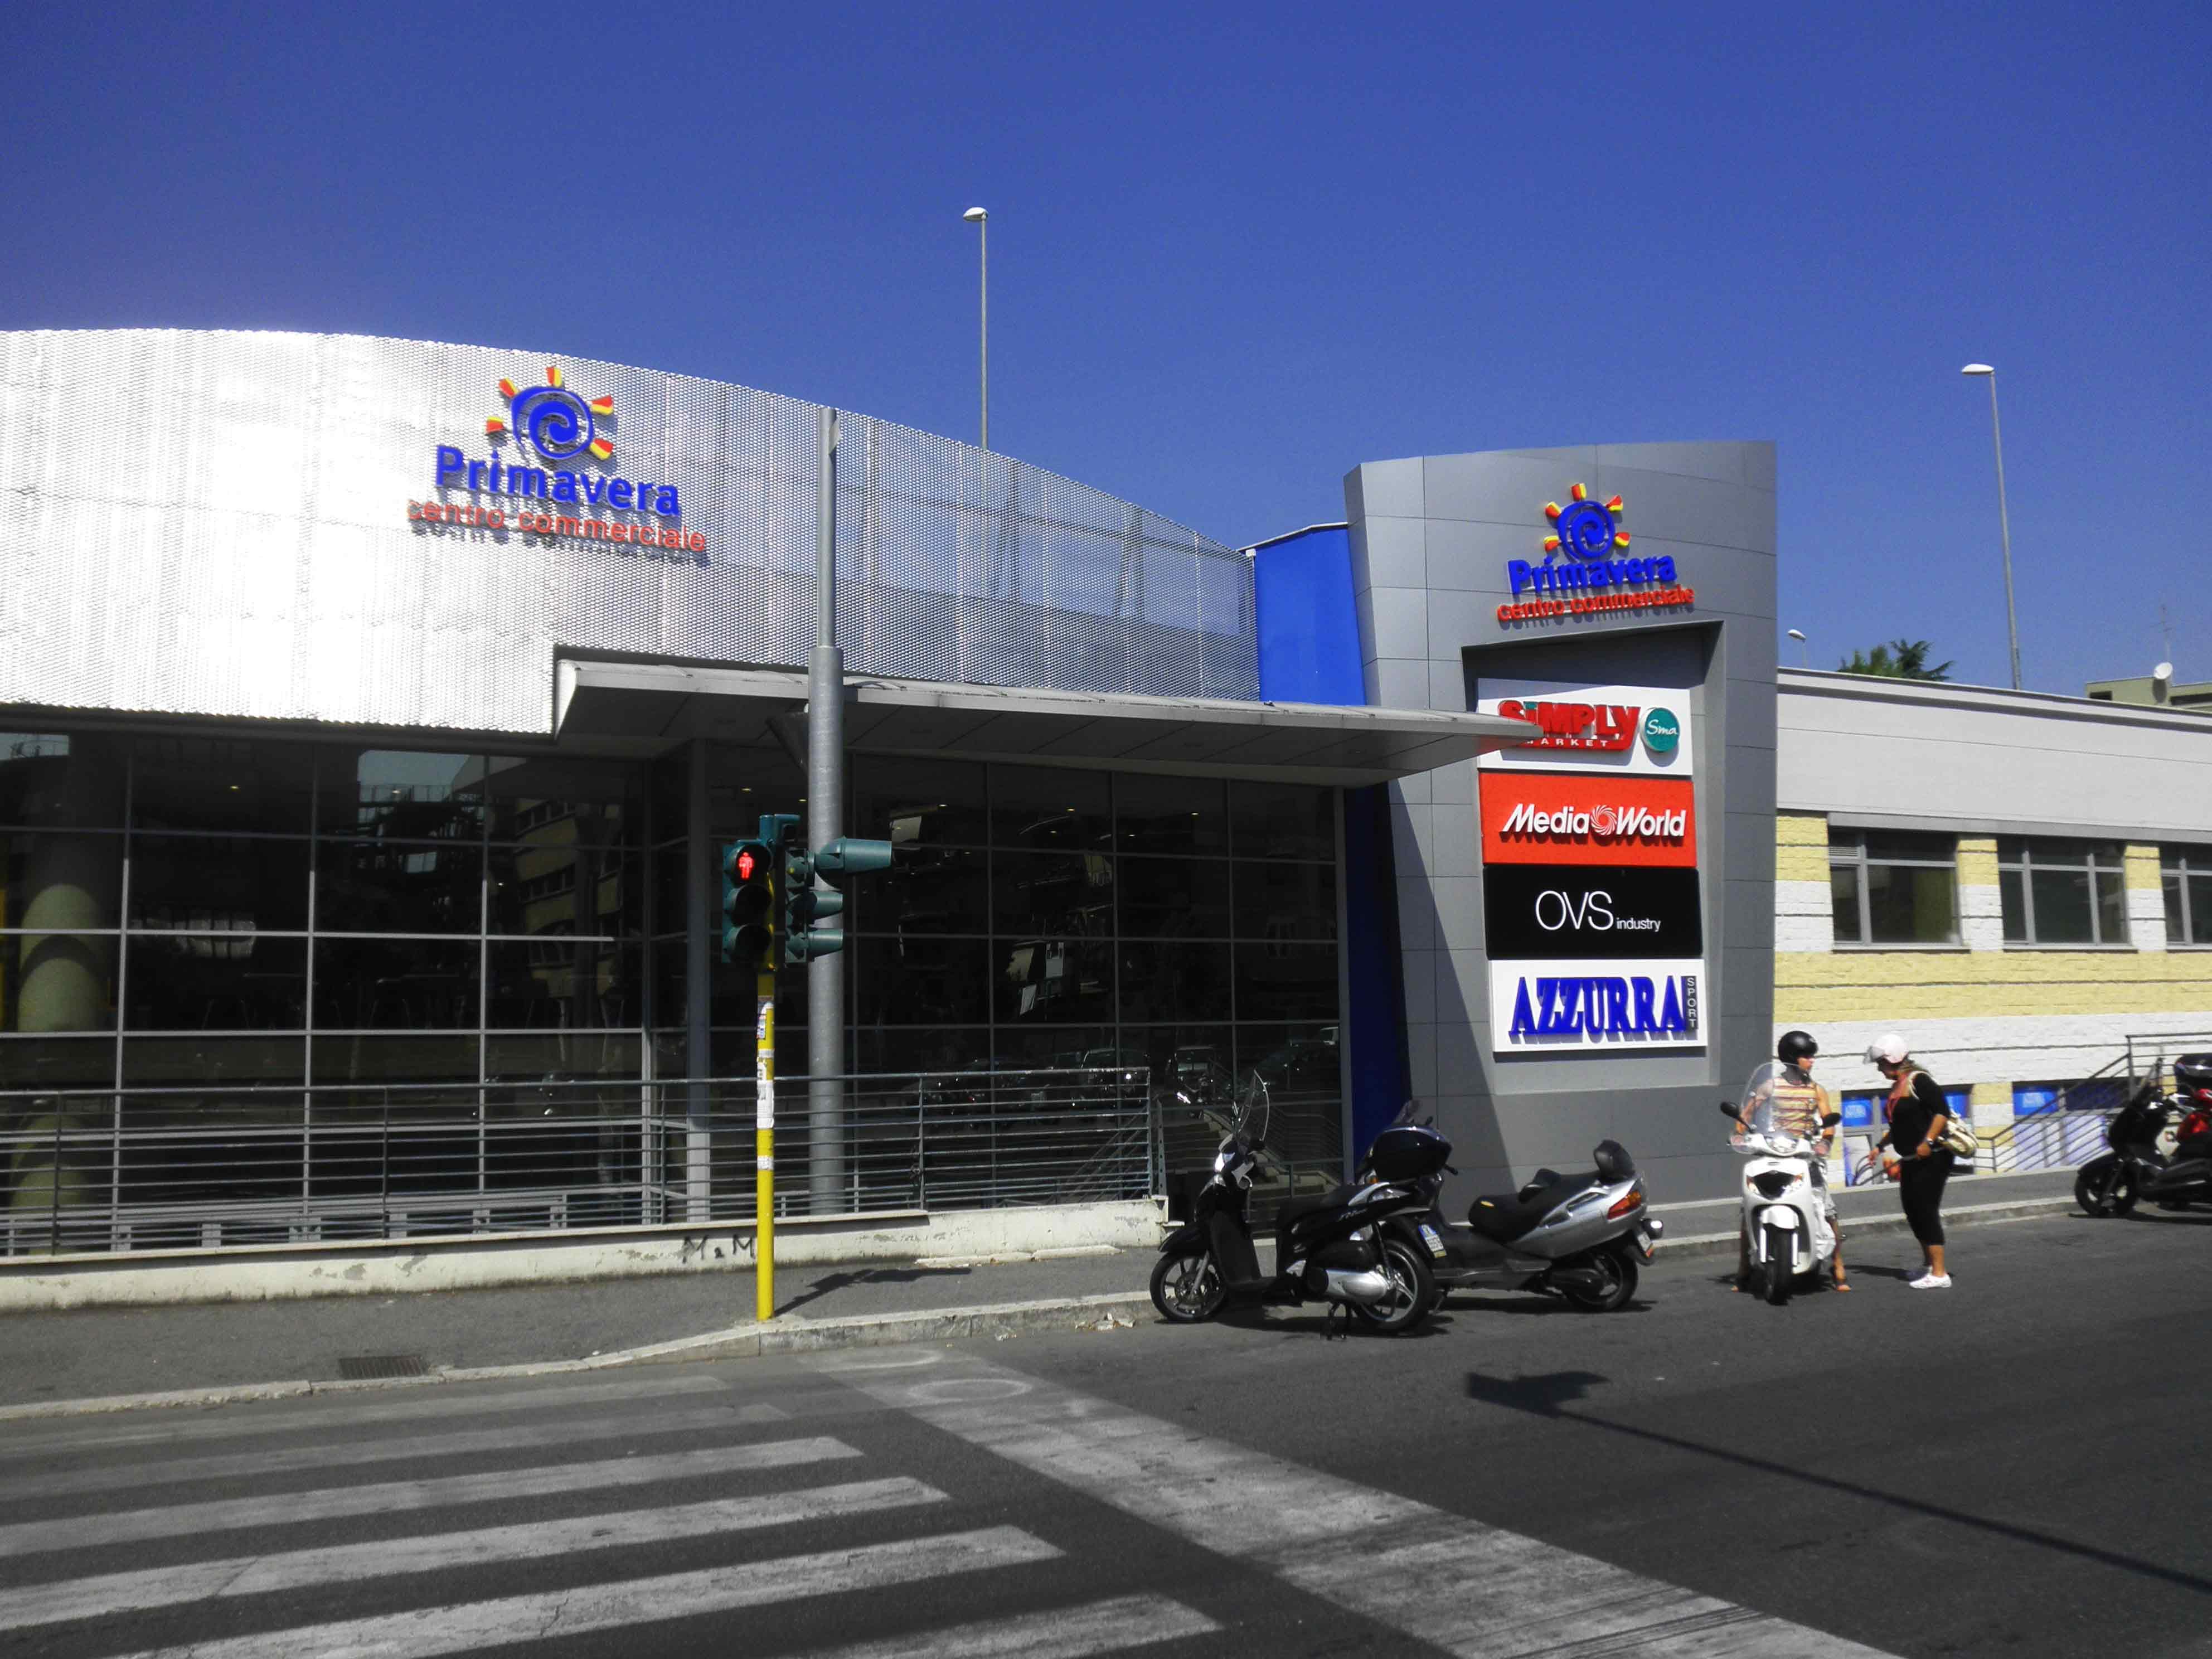 Centro commerciale primavera negozi orari indirizzo e for Centro commerciale campania negozi arredamento